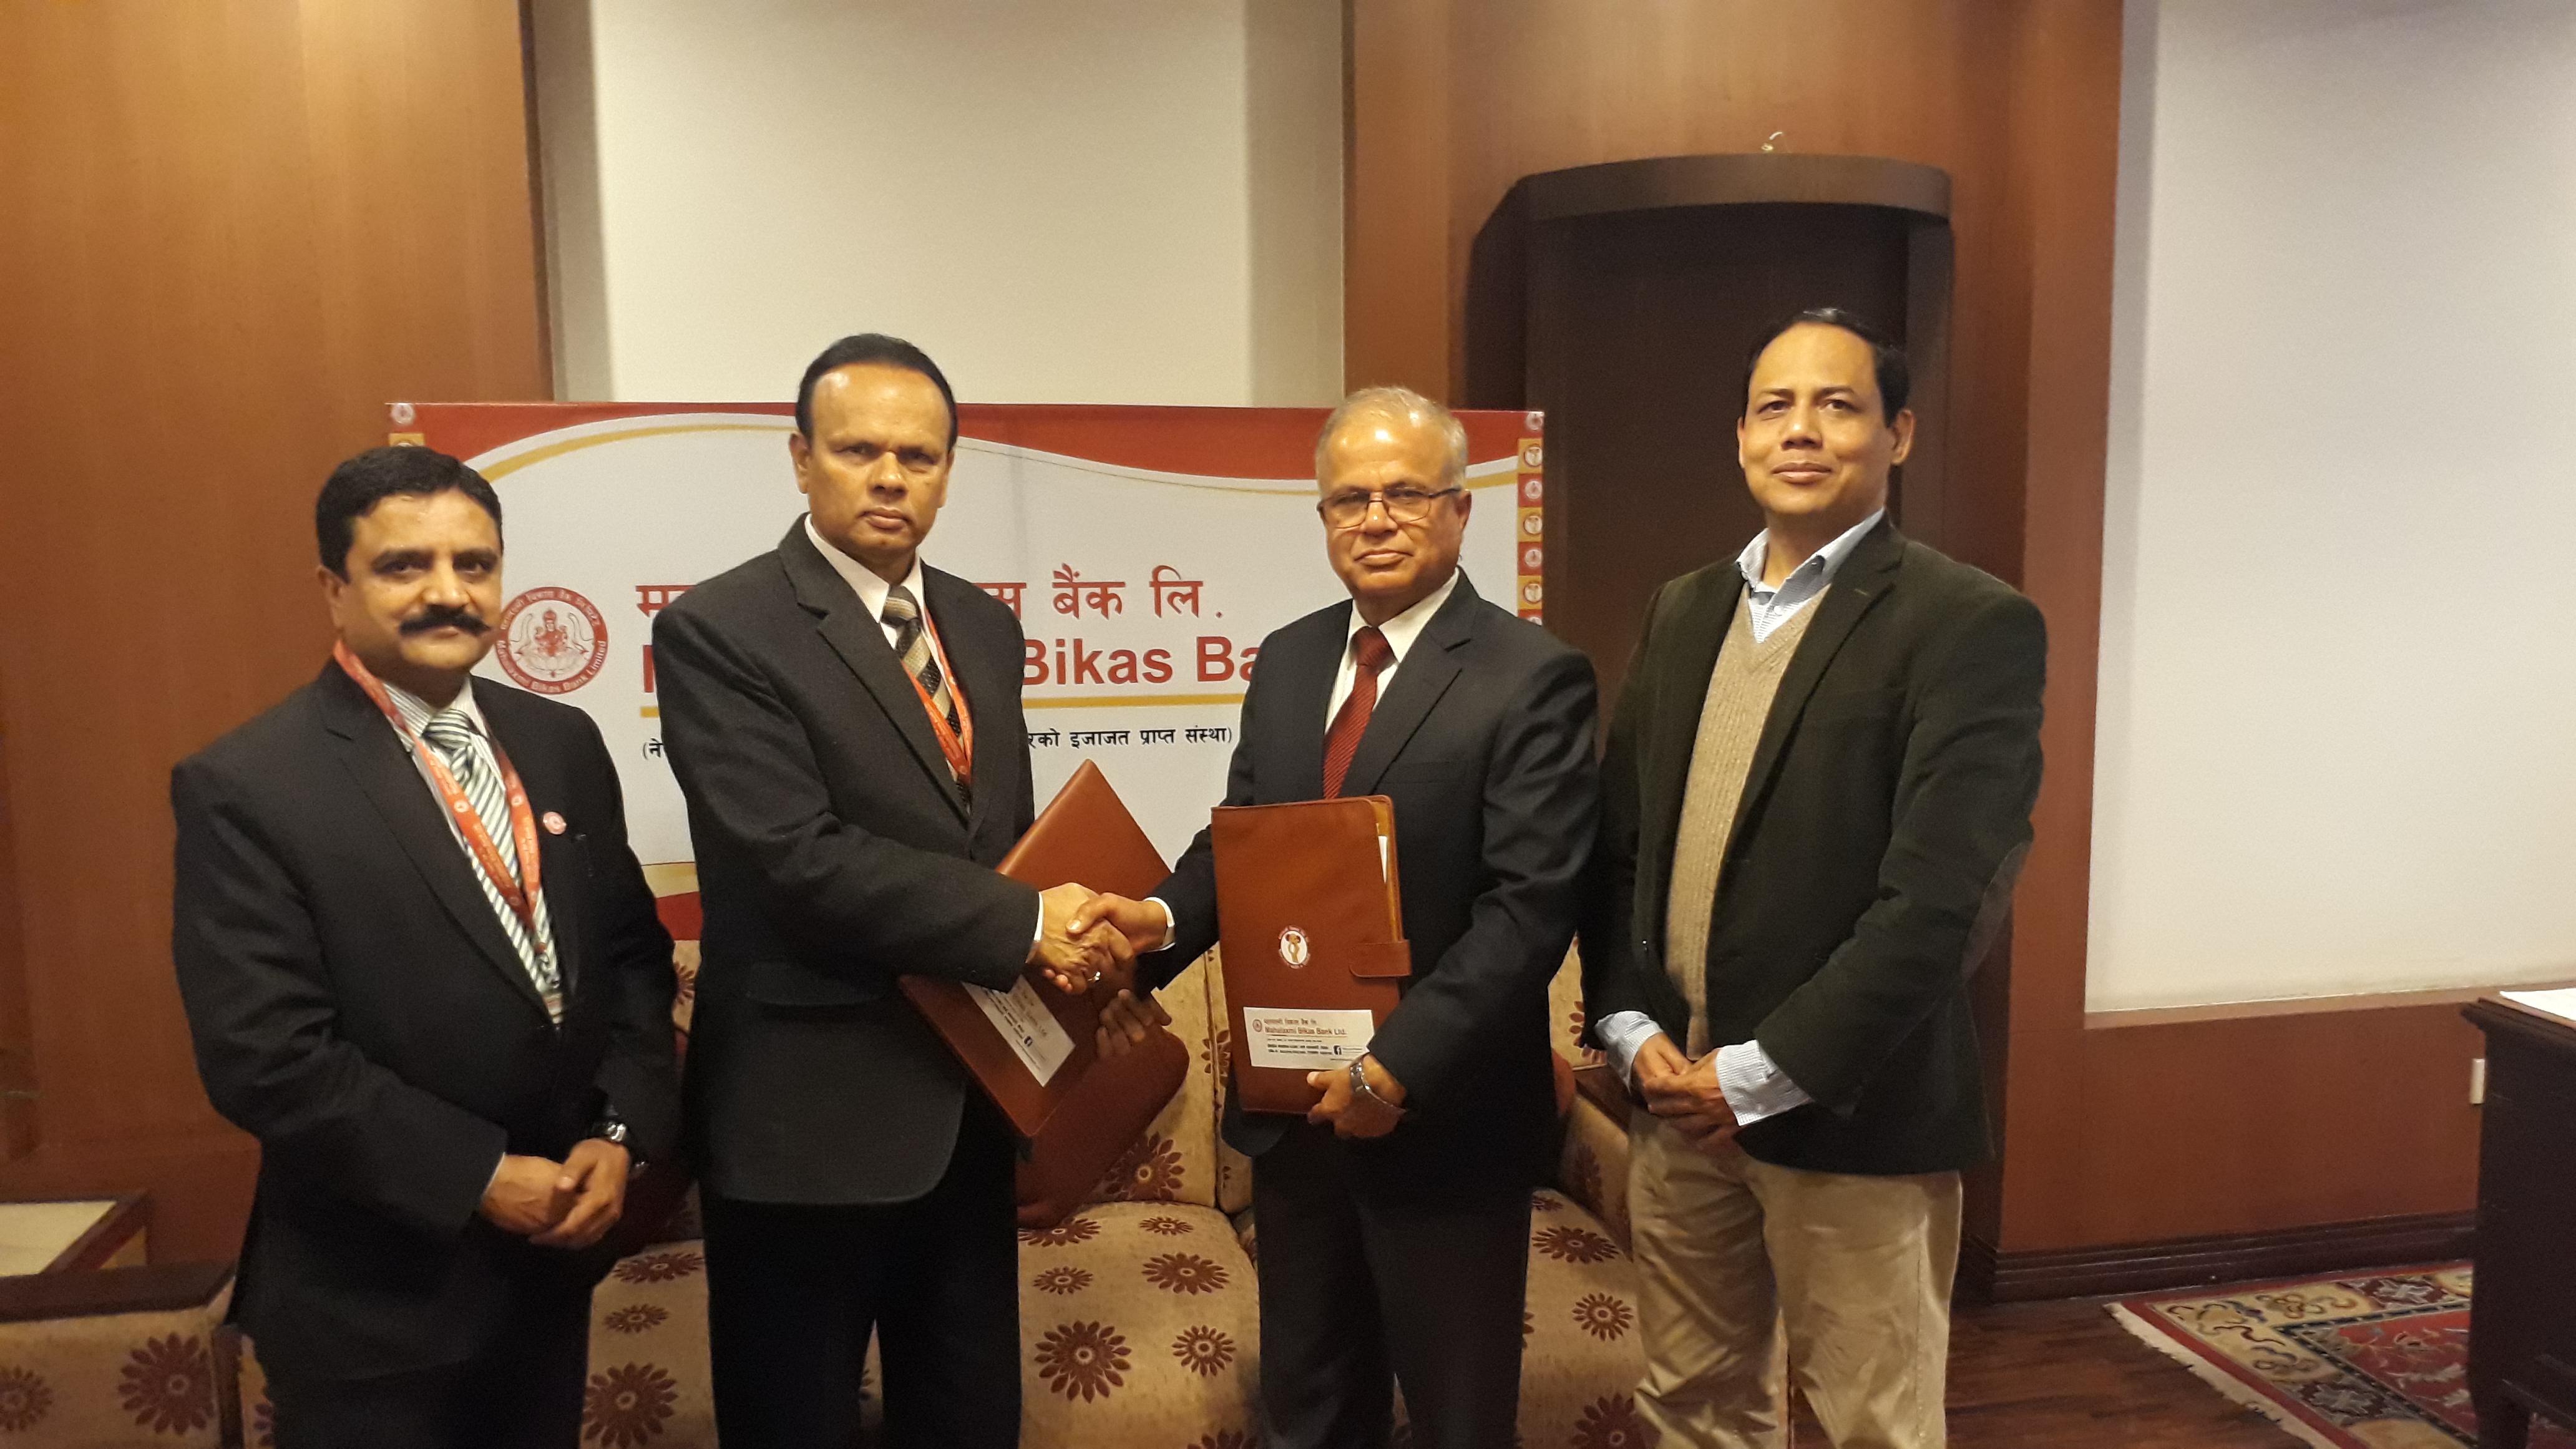 Policy Form of Mahalaxmi Life Insurance Ltd. available at Mahalaxmi Development Bank Ltd.